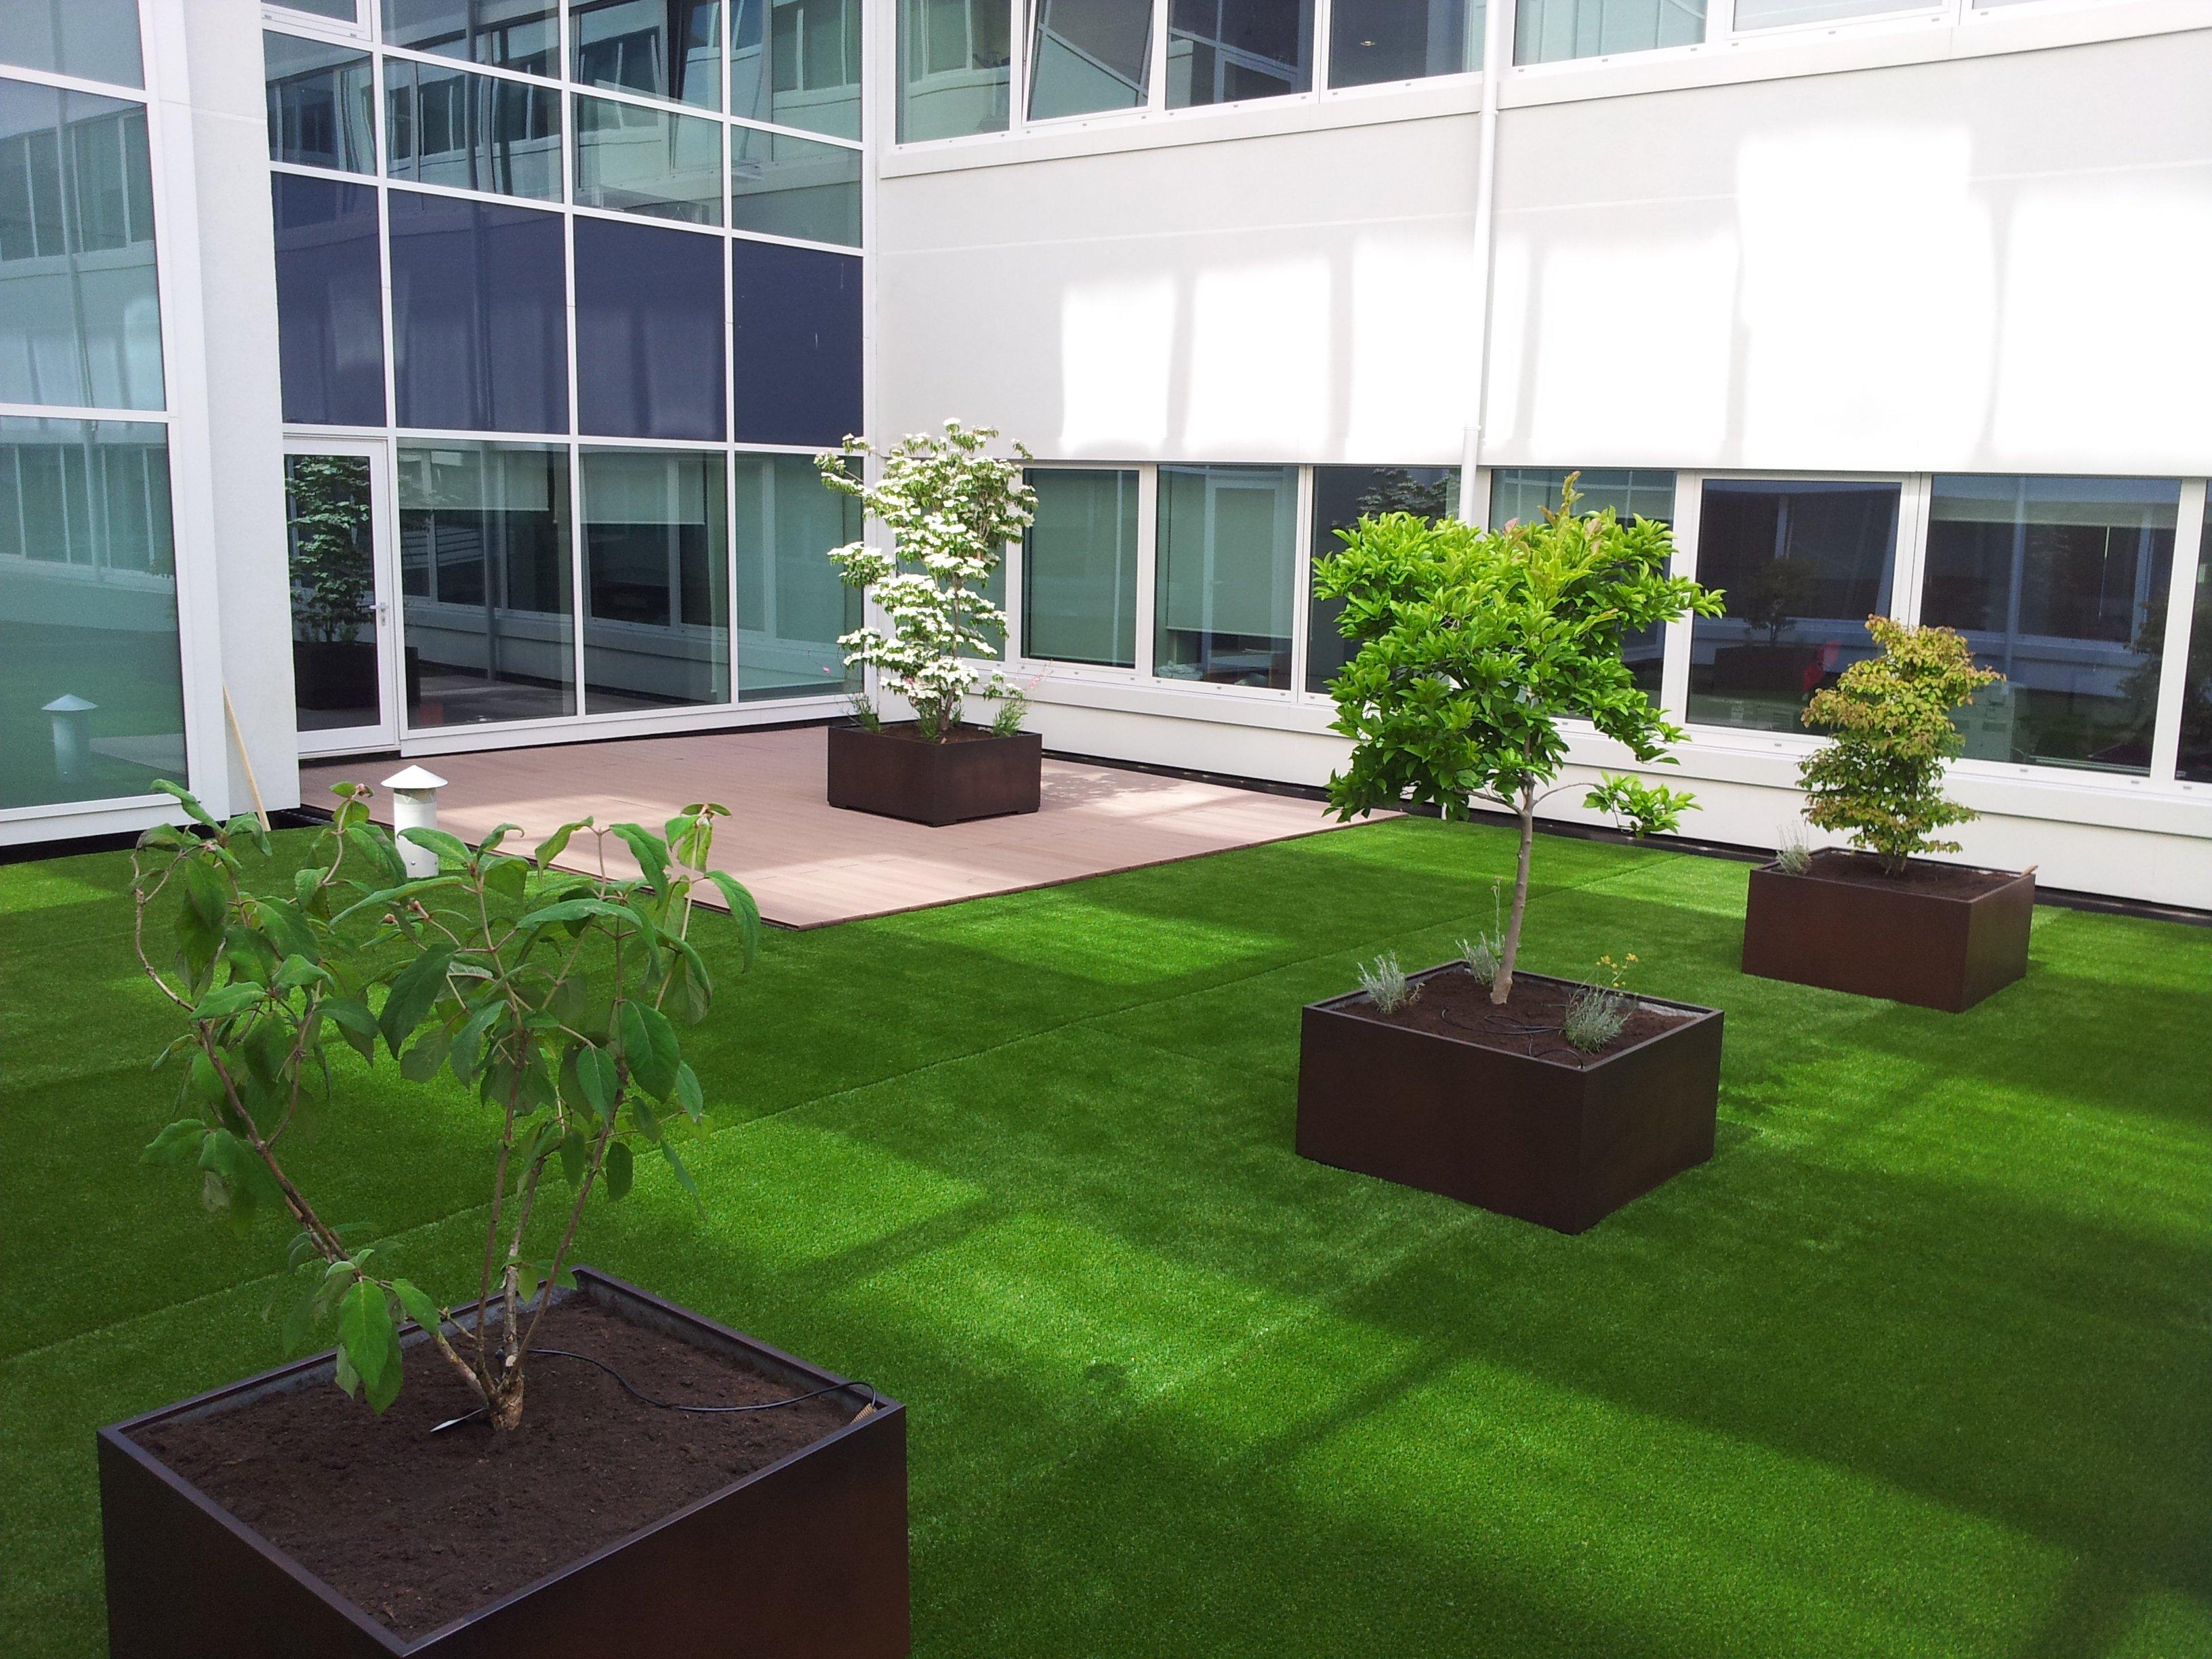 progetto di un giardino in 3d